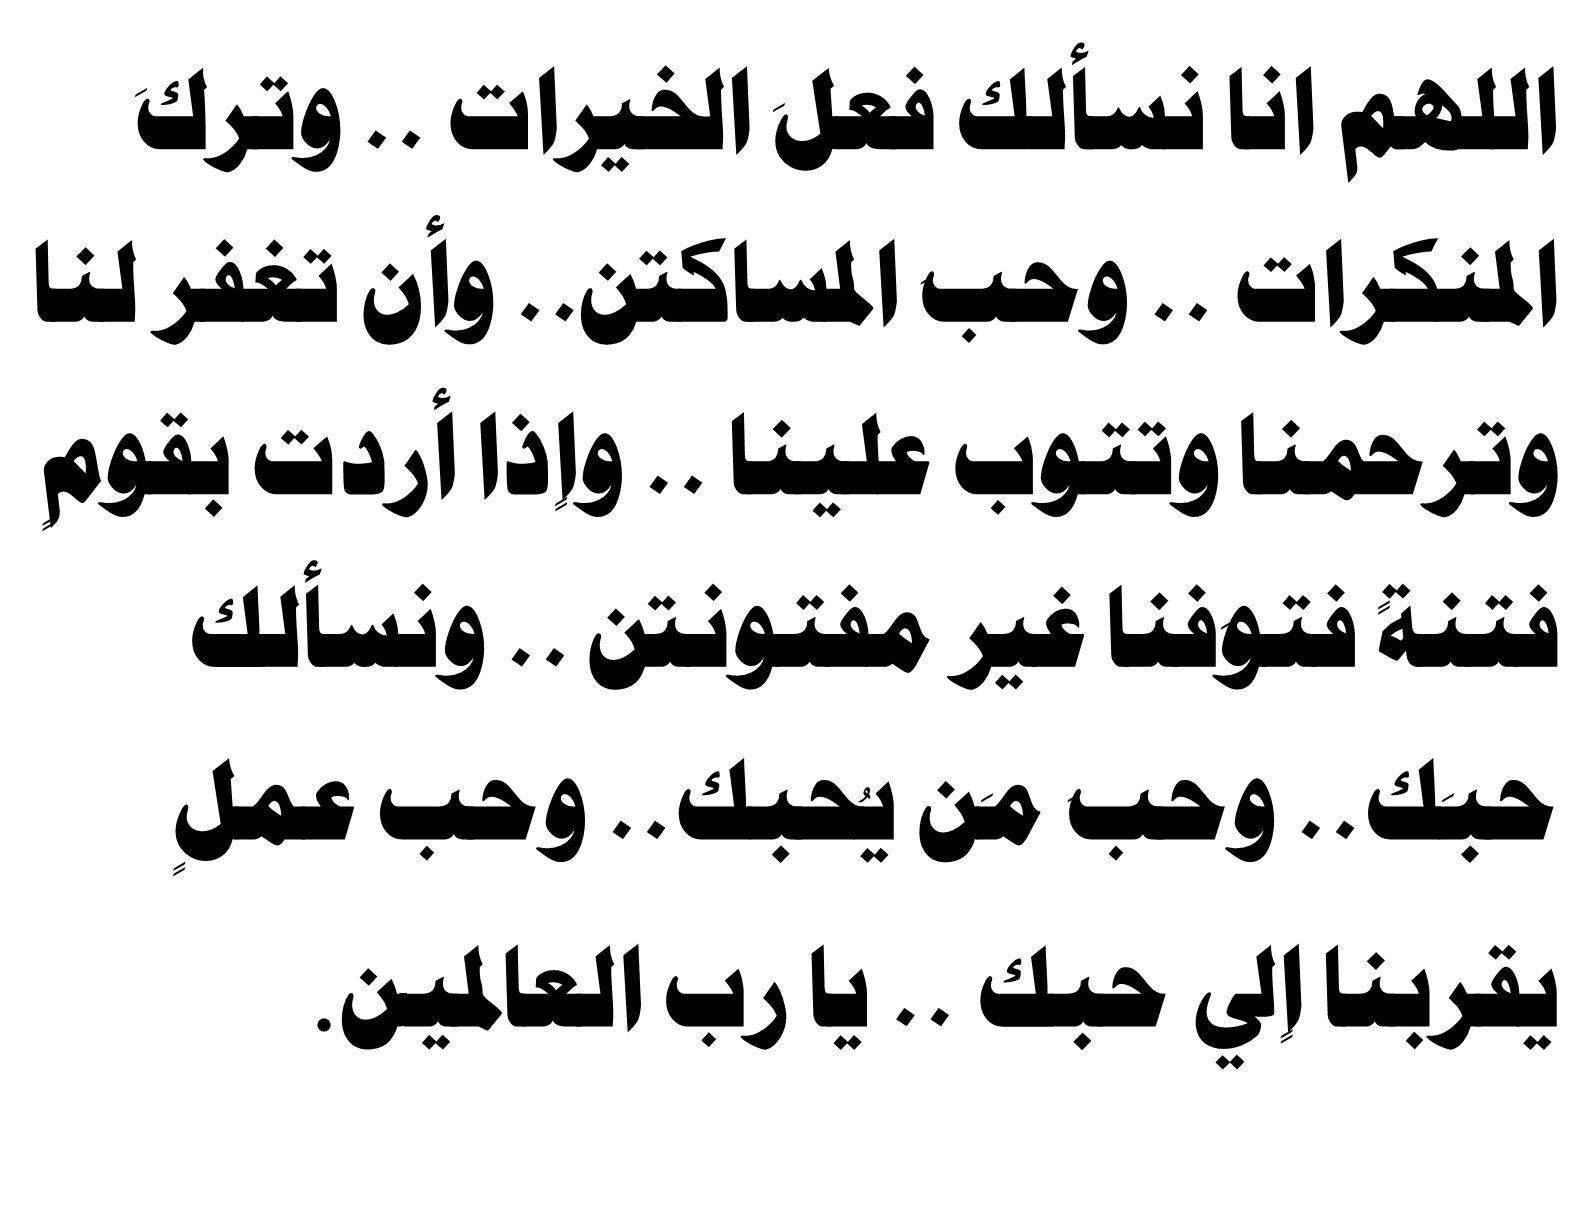 اللهم إنا نسألك فعل الخيرات Quotations Islam Math